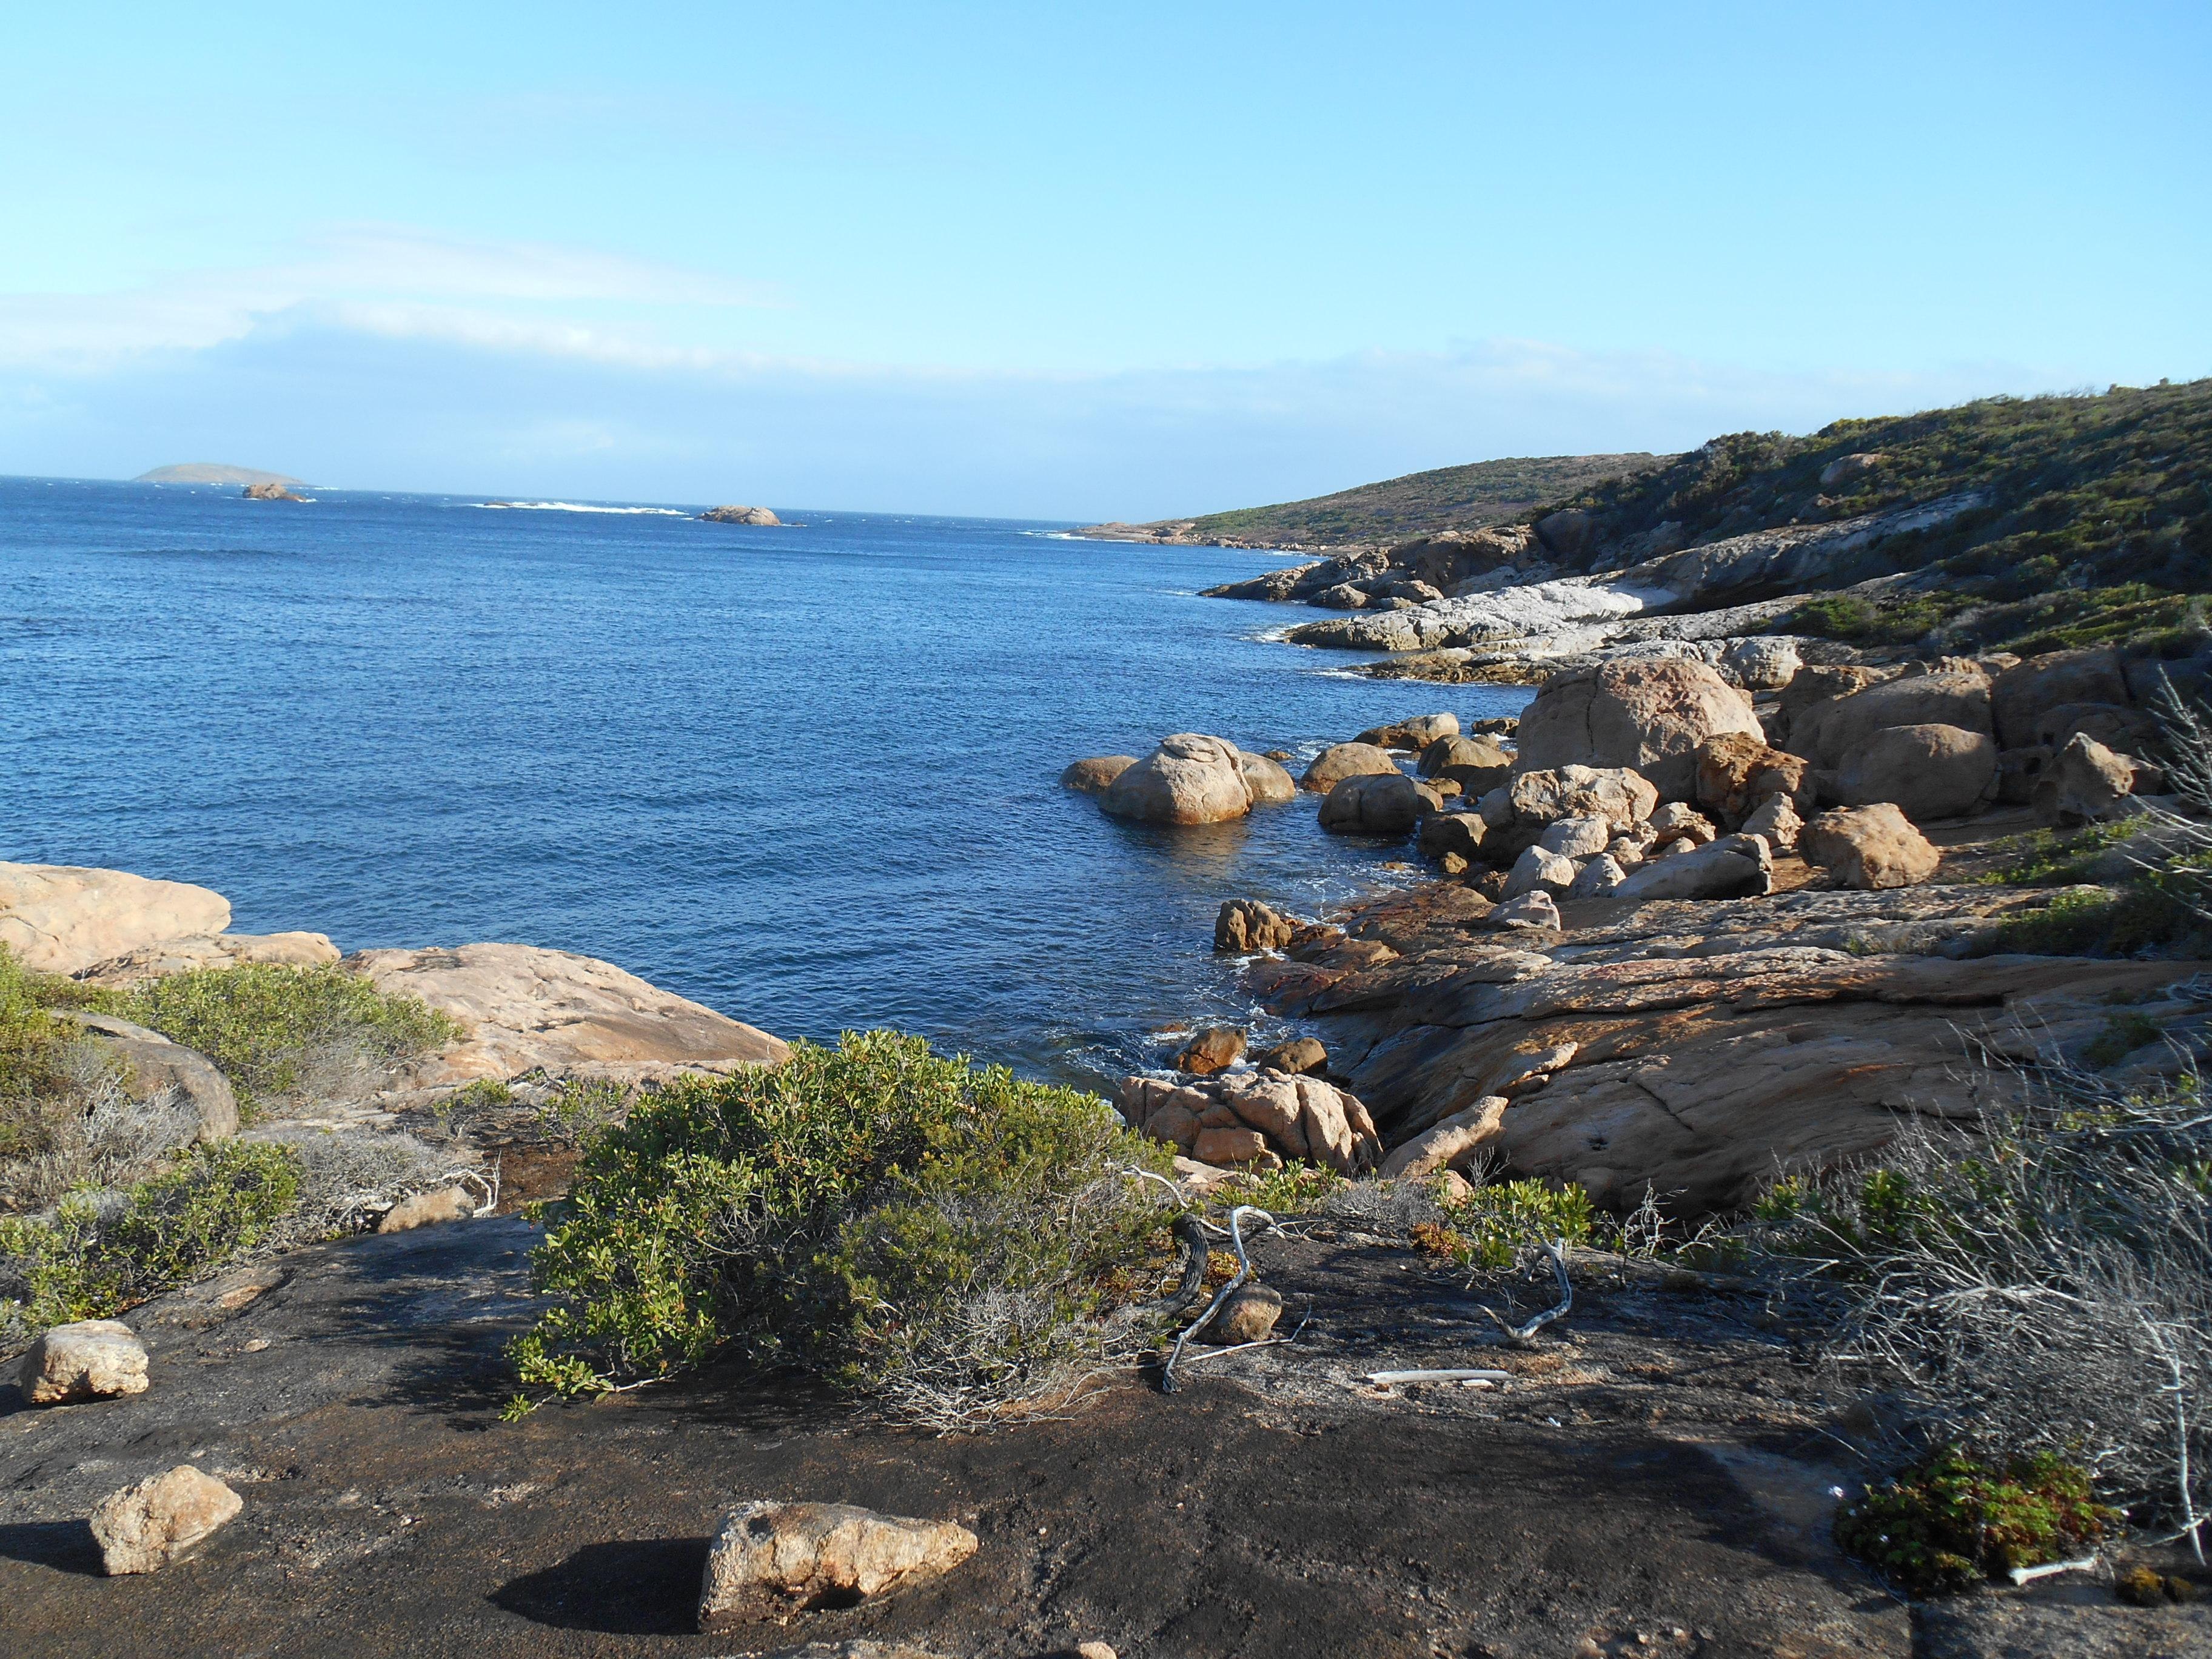 The gorgeous Western Australia Coastline